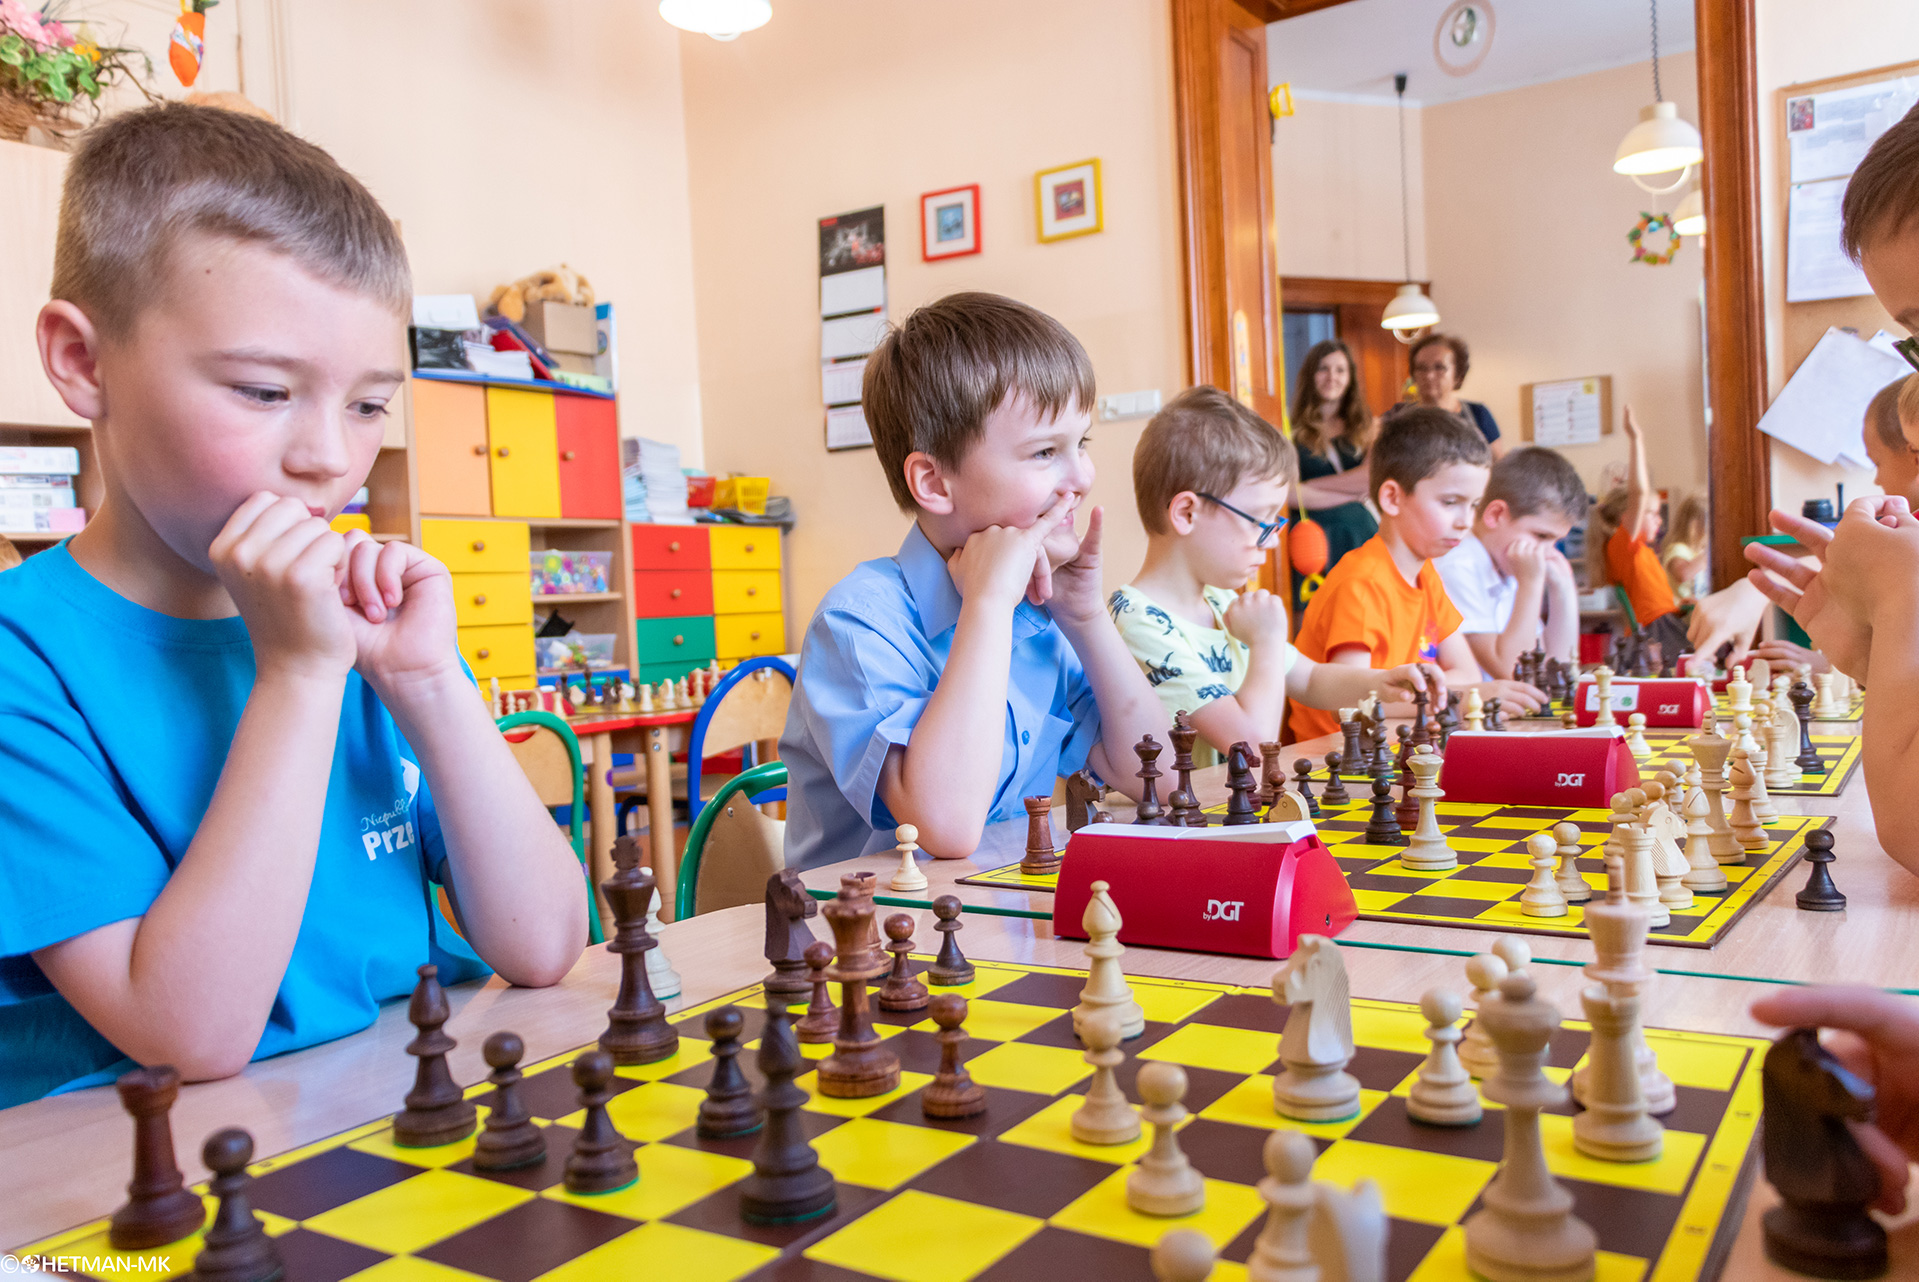 IX Turniej Szachowy Przedszkolaków o Mistrzostwo Świdnicy, 19.06.2019